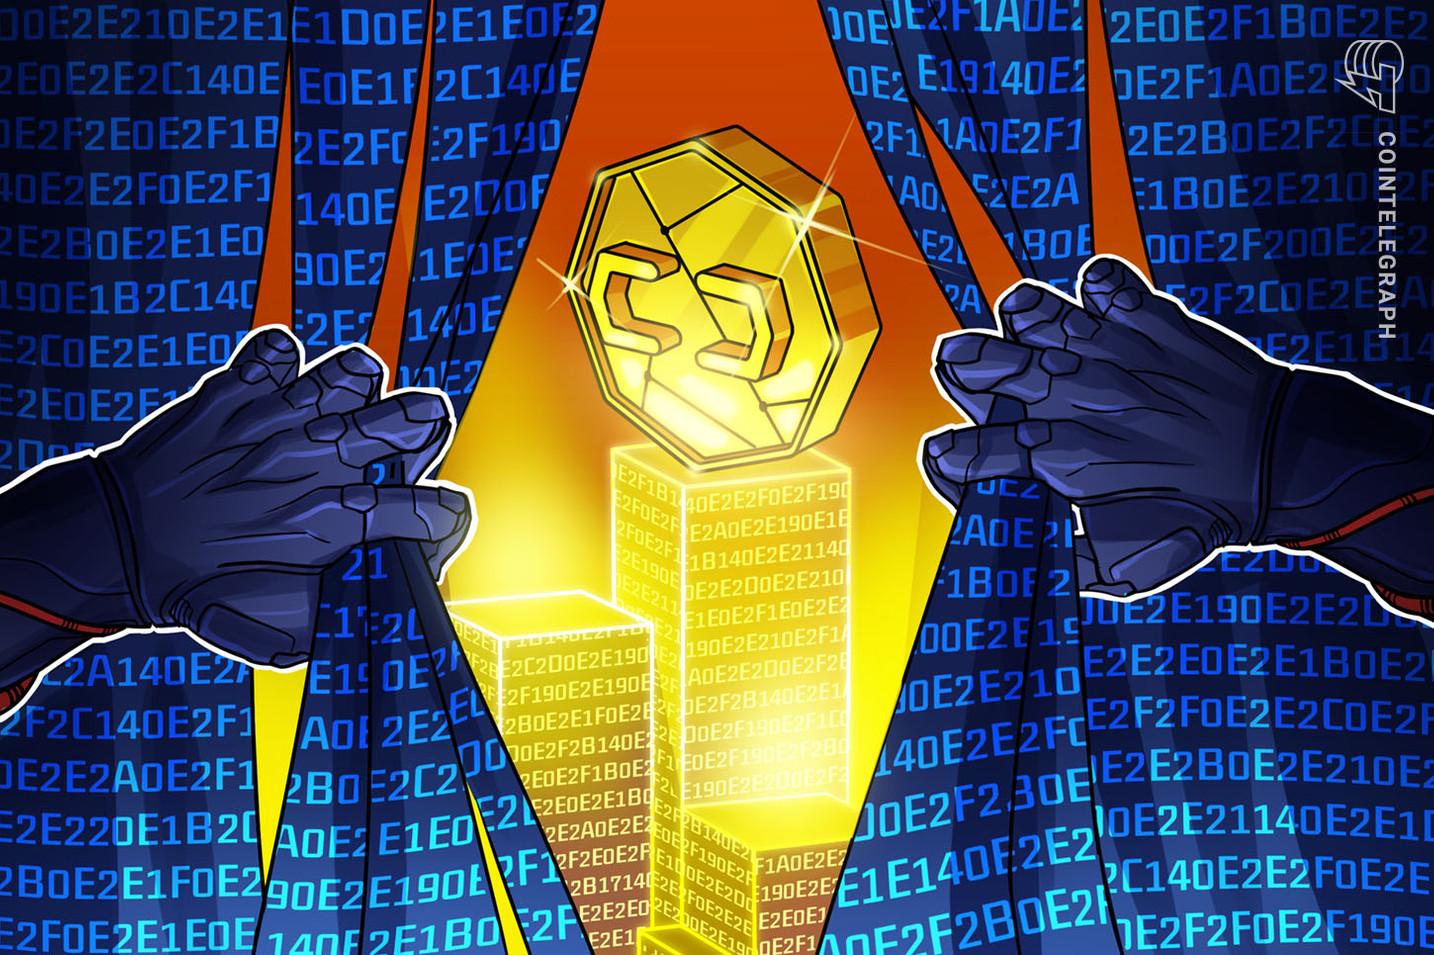 Se están moviendo USD 39 millones en Bitcoin que fueron robados en el hackeo a Bitfinex en 2016